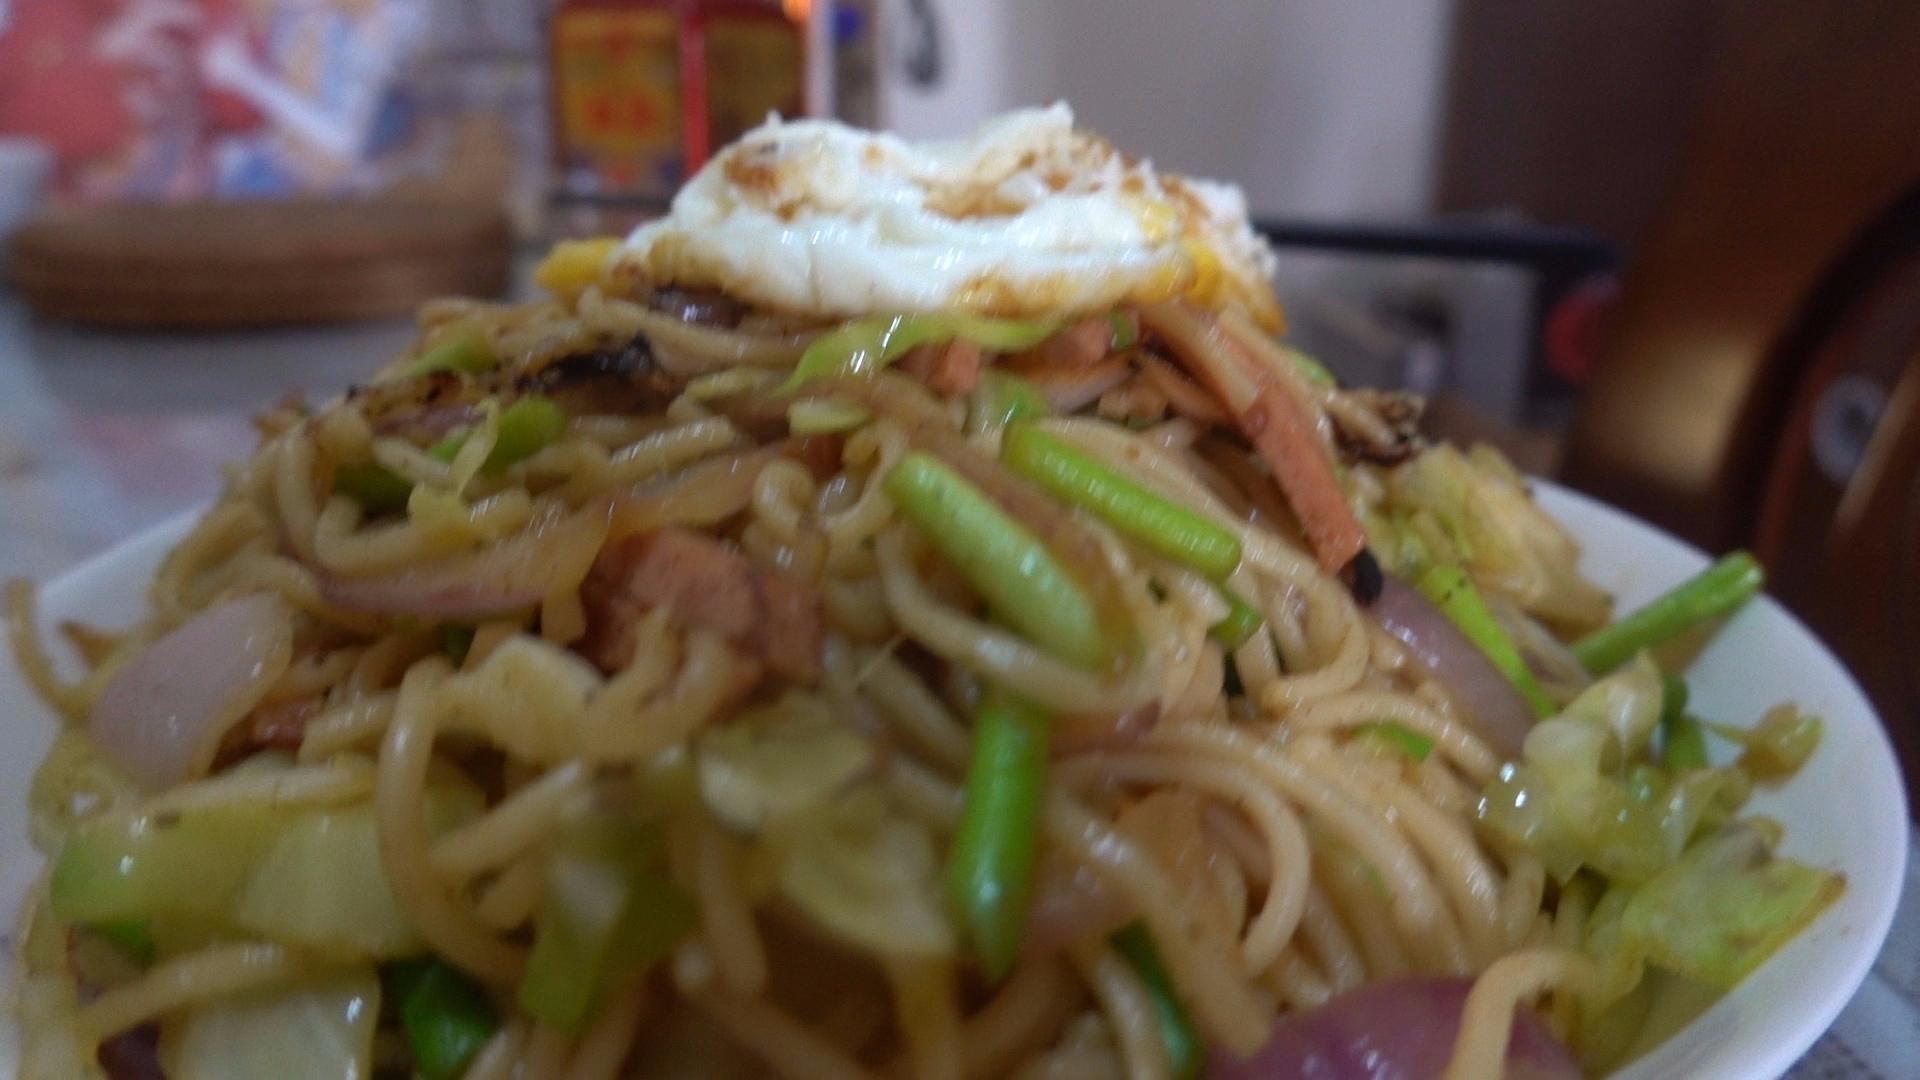 【老司马的日常食堂】简单好吃的快手炒面